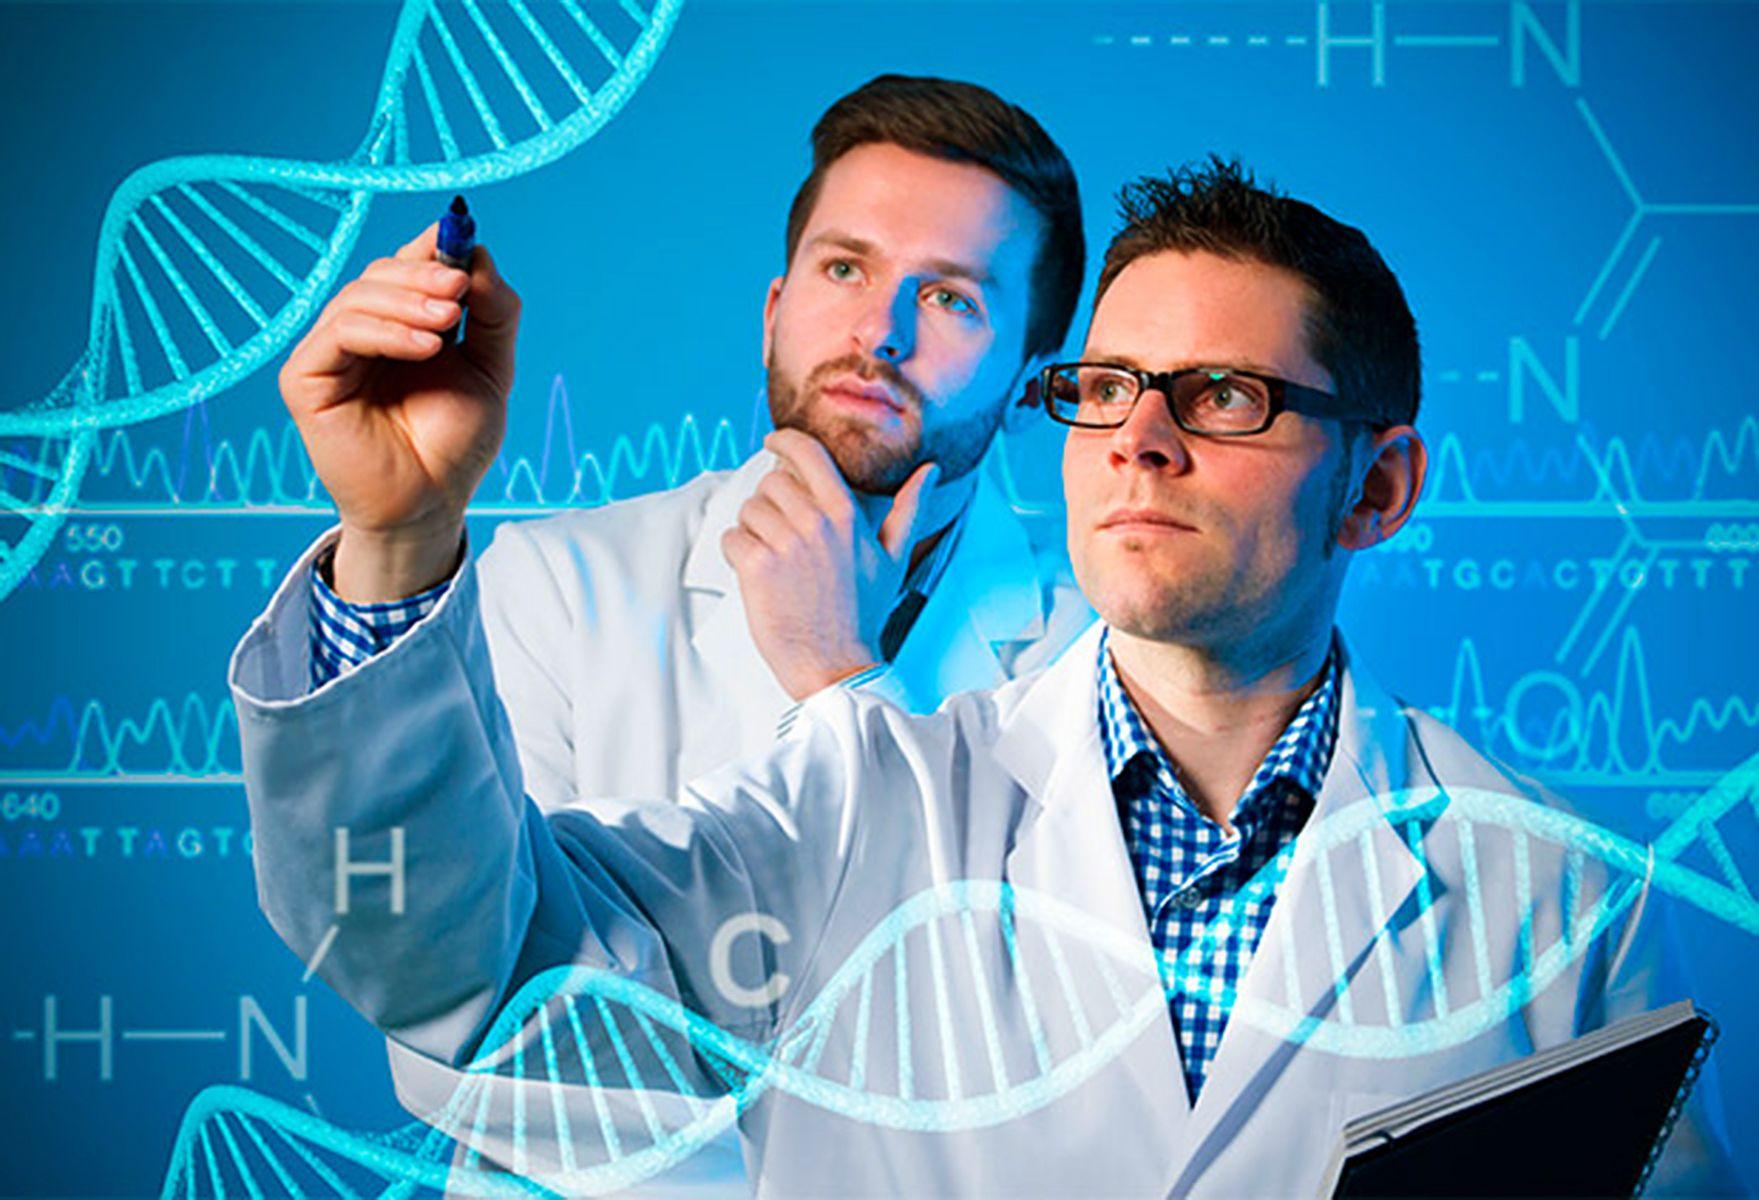 Ведущие ученые обсудят во ВГУЭС современные подходы к моделированию реакционно-диффузионных систем